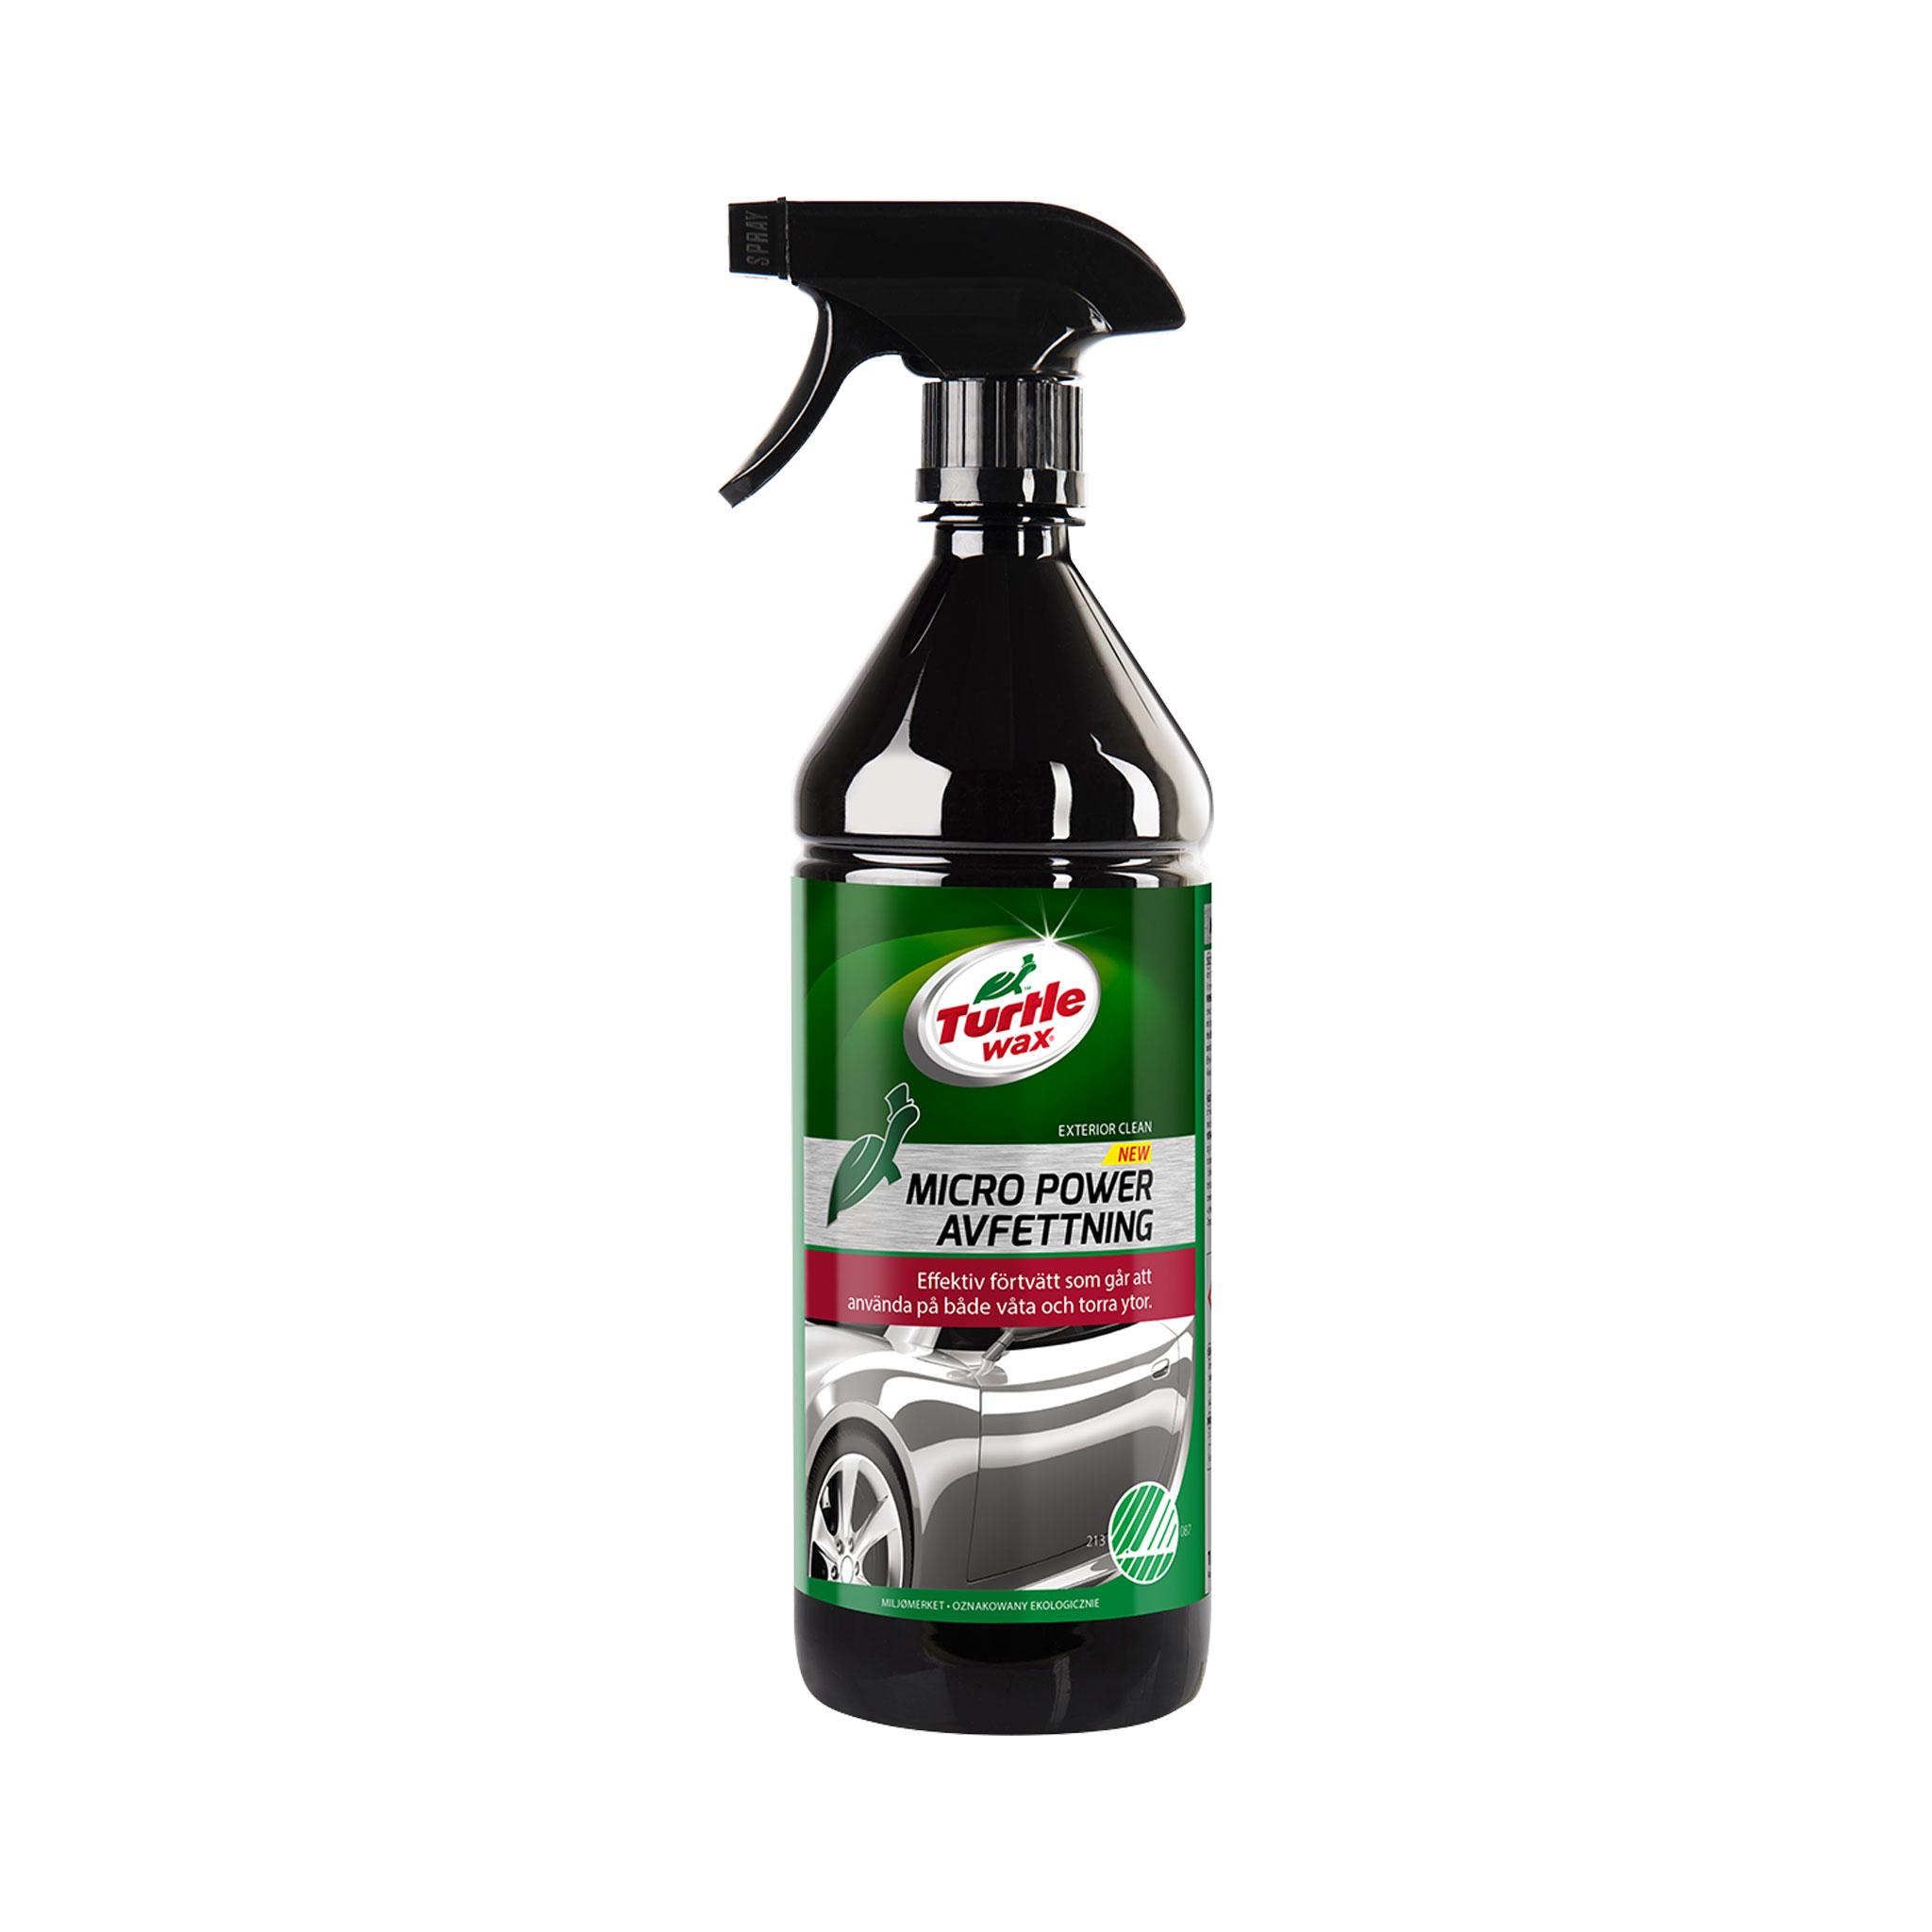 Förtvättsmedel Turtle Wax Micro Power Avfettning Svanenmärkt, 1000 ml